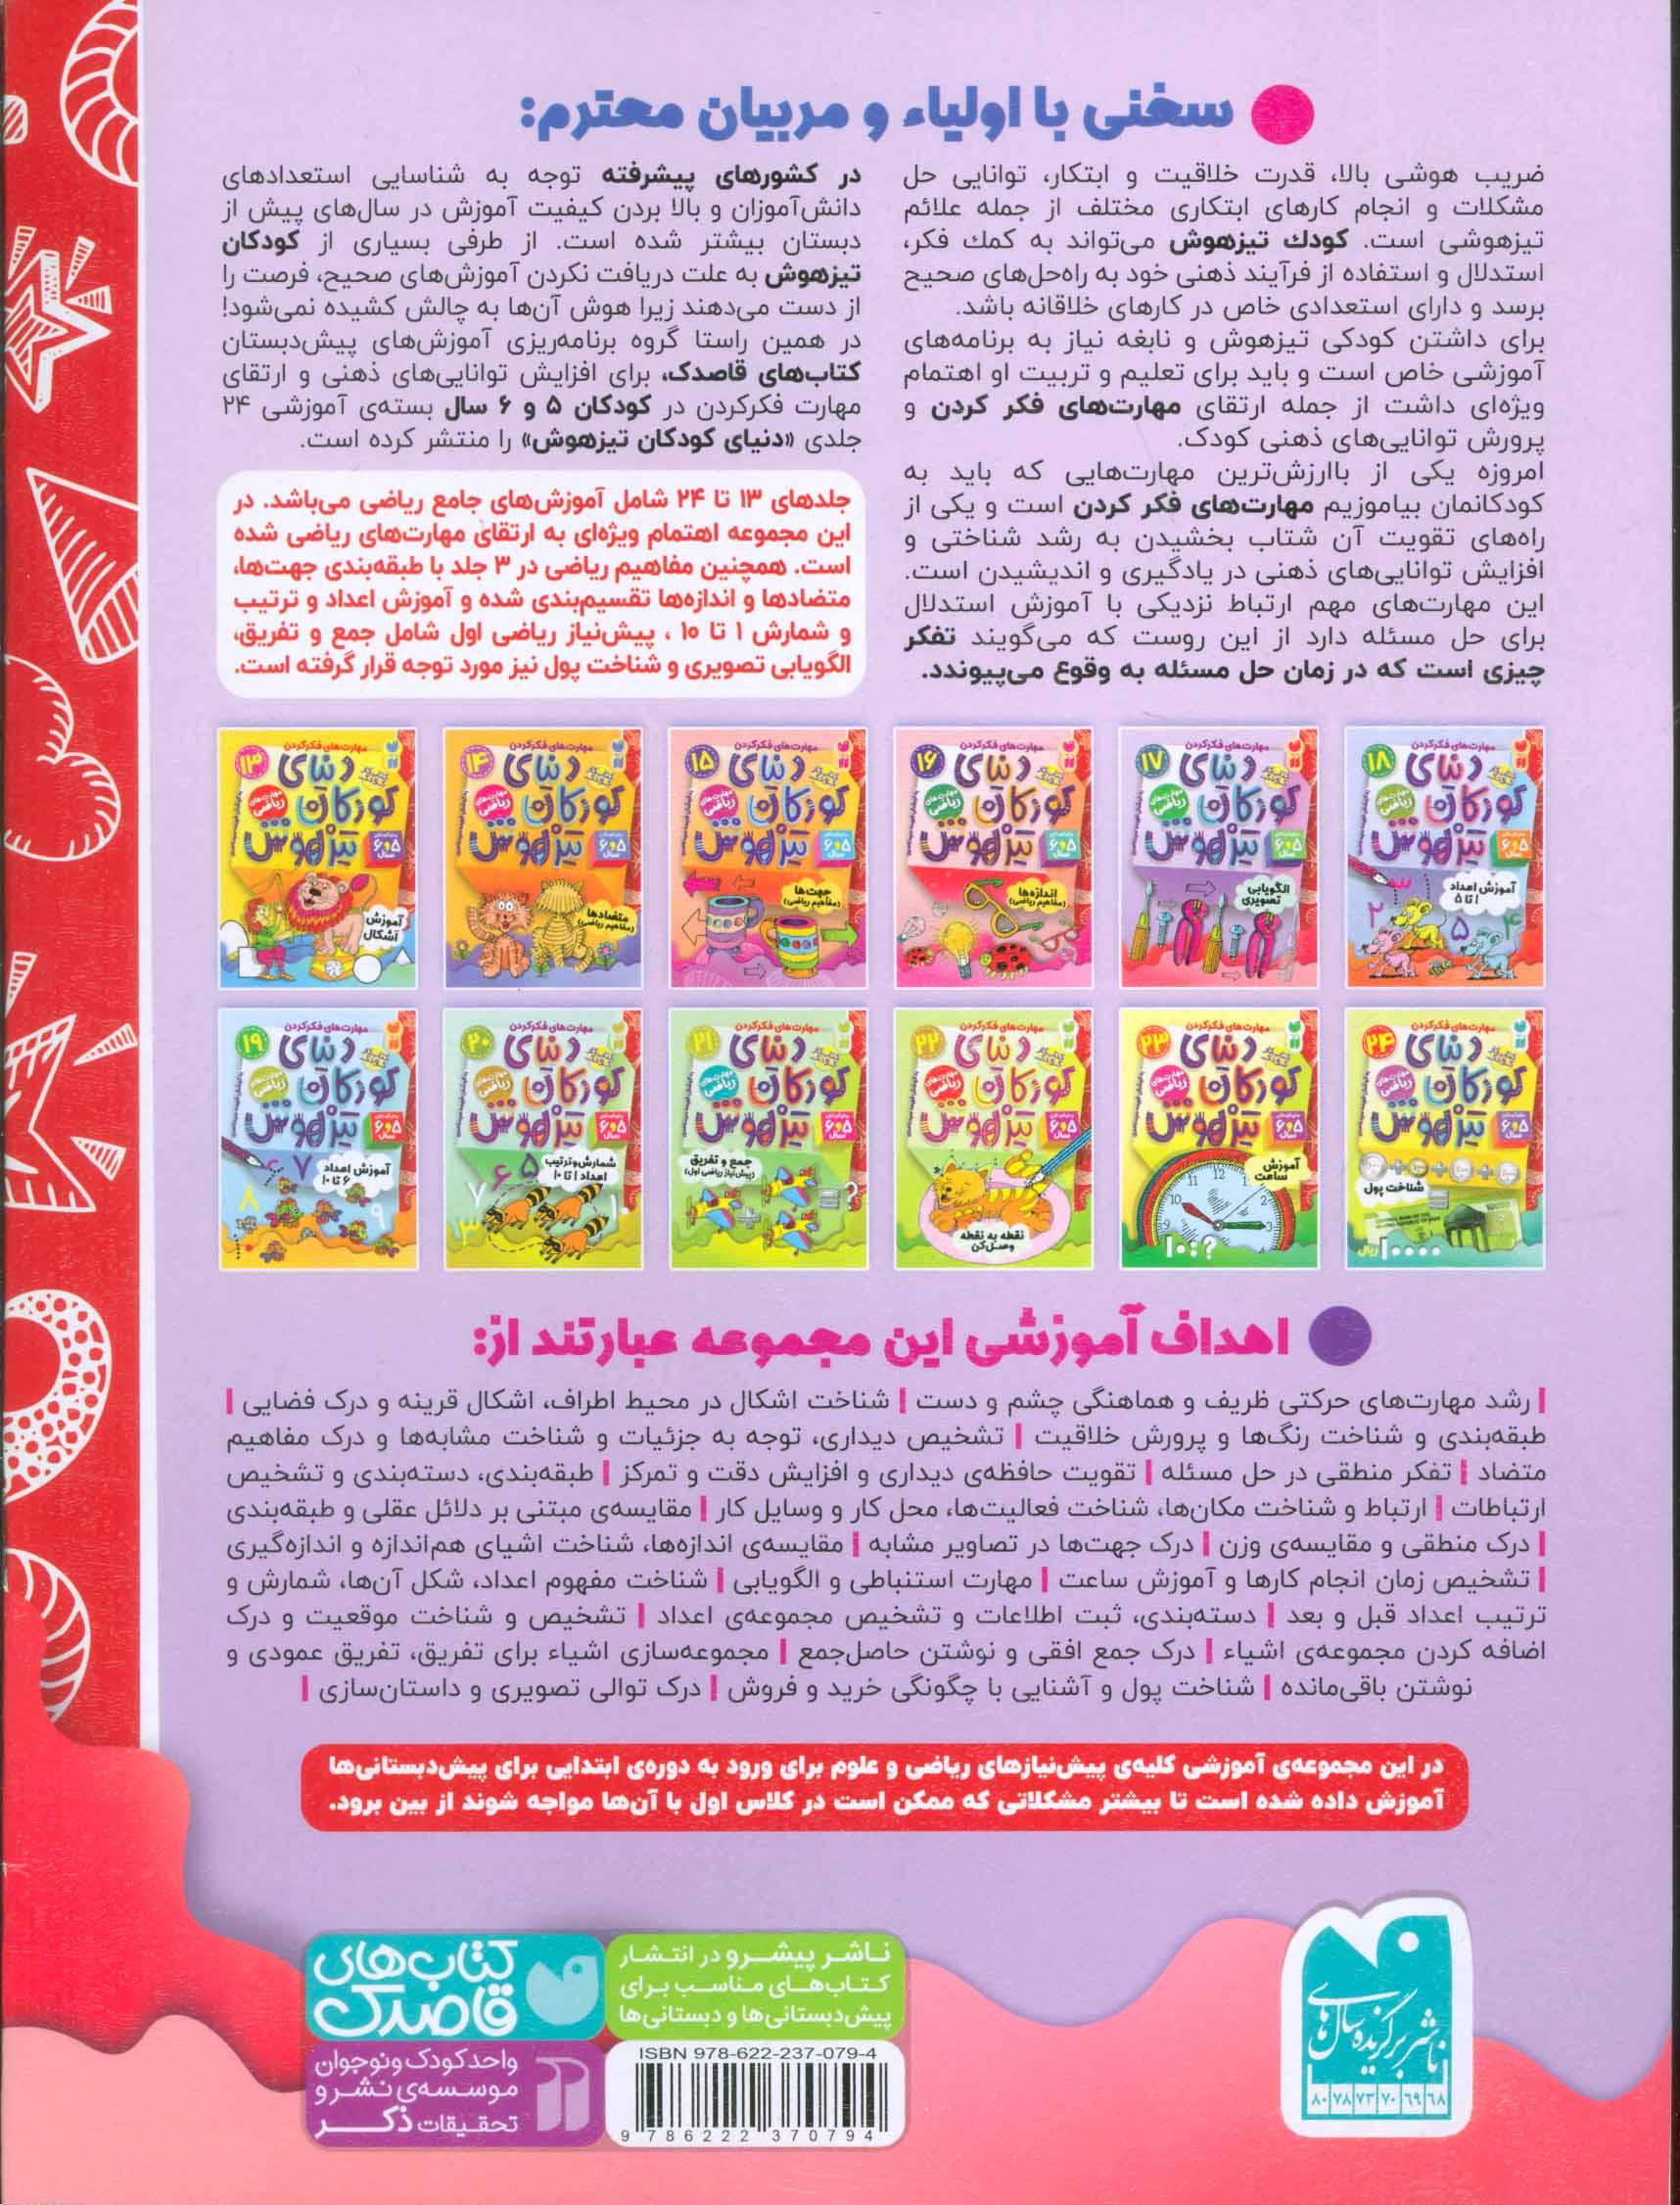 کتاب کار دنیای کودکان تیزهوش17 (مهارت های فکر کردن:الگویابی تصویری)